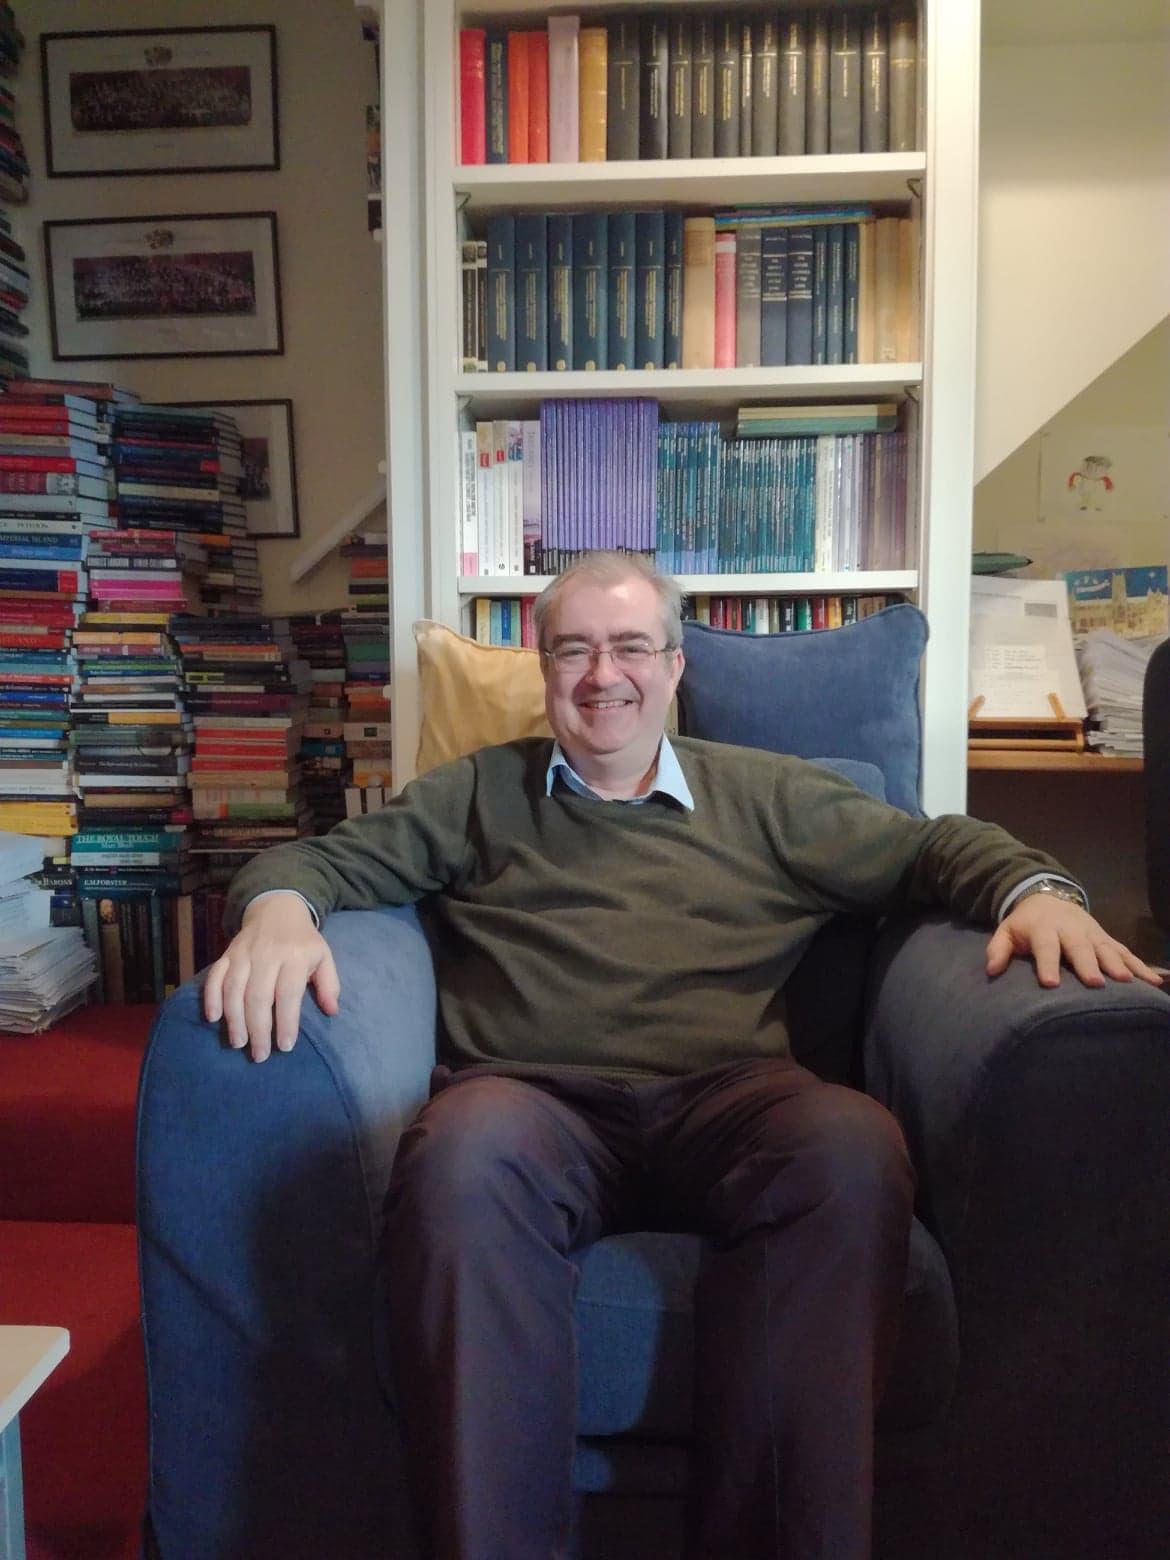 Haastattelu haastattelijan kanssa - Tänään meillä on haastattelussa lehtori David Smith. David on opettanut historiaa Cambridgessa 80-luvun loppupuolelta saakka ja hänen tutkimuksensa kohdistuu Britannian 1600-luvun poliittiseen, parlamentaariseen ja uskonnolliseen historiaan. Davidilla on pitkä kokemus hakijoiden haastattelemisesta ja hän kertookin meille, kuinka valmistautua hakemiseen ja haastatteluun, jos on kiinnostunut humanististen alojen opiskelusta Cambridgessa tai Oxfordissa.Lue koko haastattelu tästä.